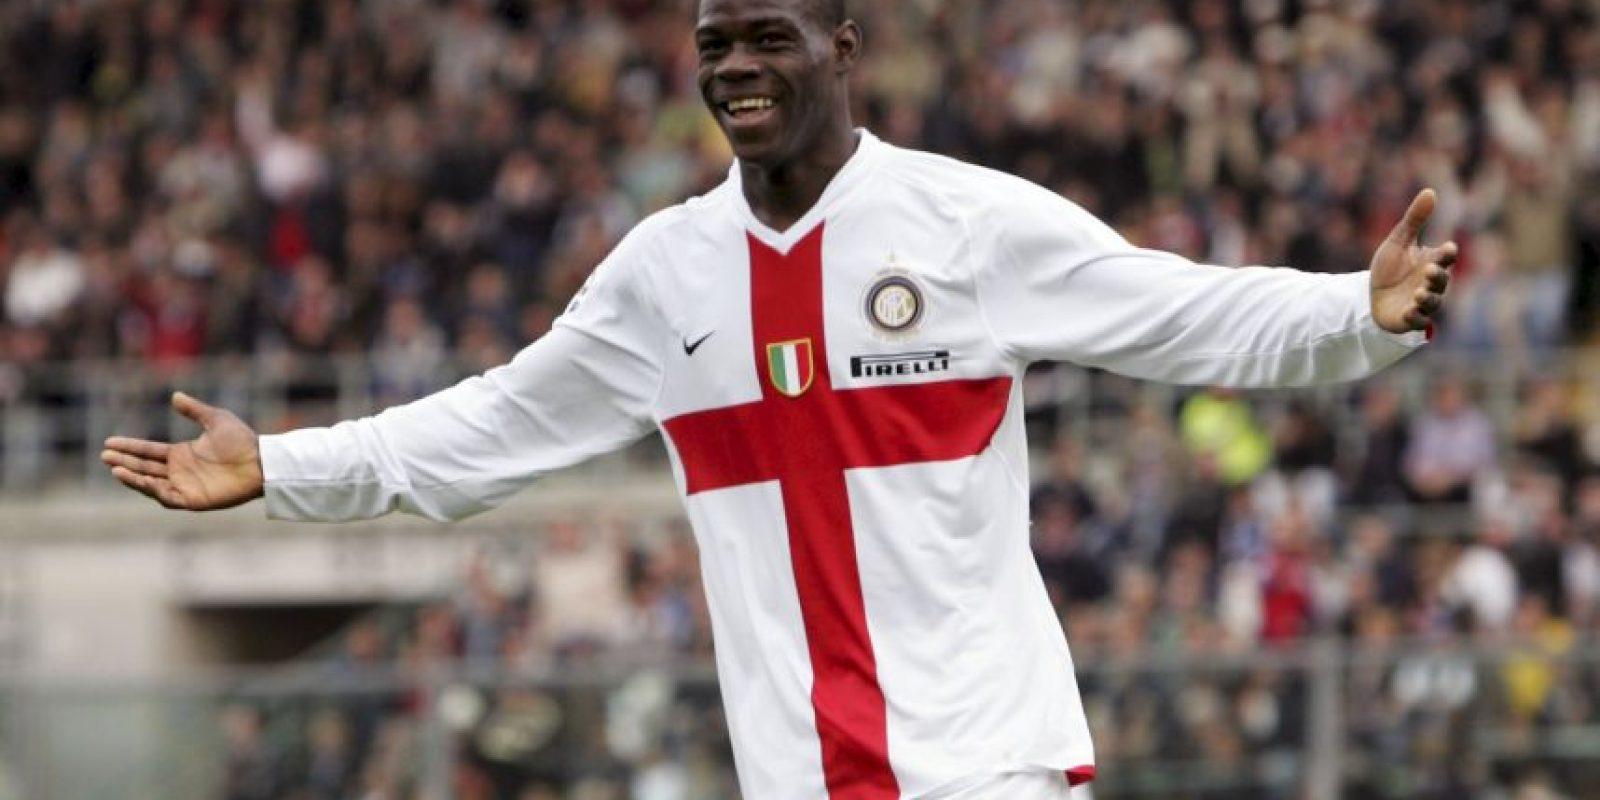 Se formó en el Lumezzane de la Serie C, pero firmó con el Inter de Milán, equipo que lo debutó en la Serie A en 2007. Foto:Getty Images